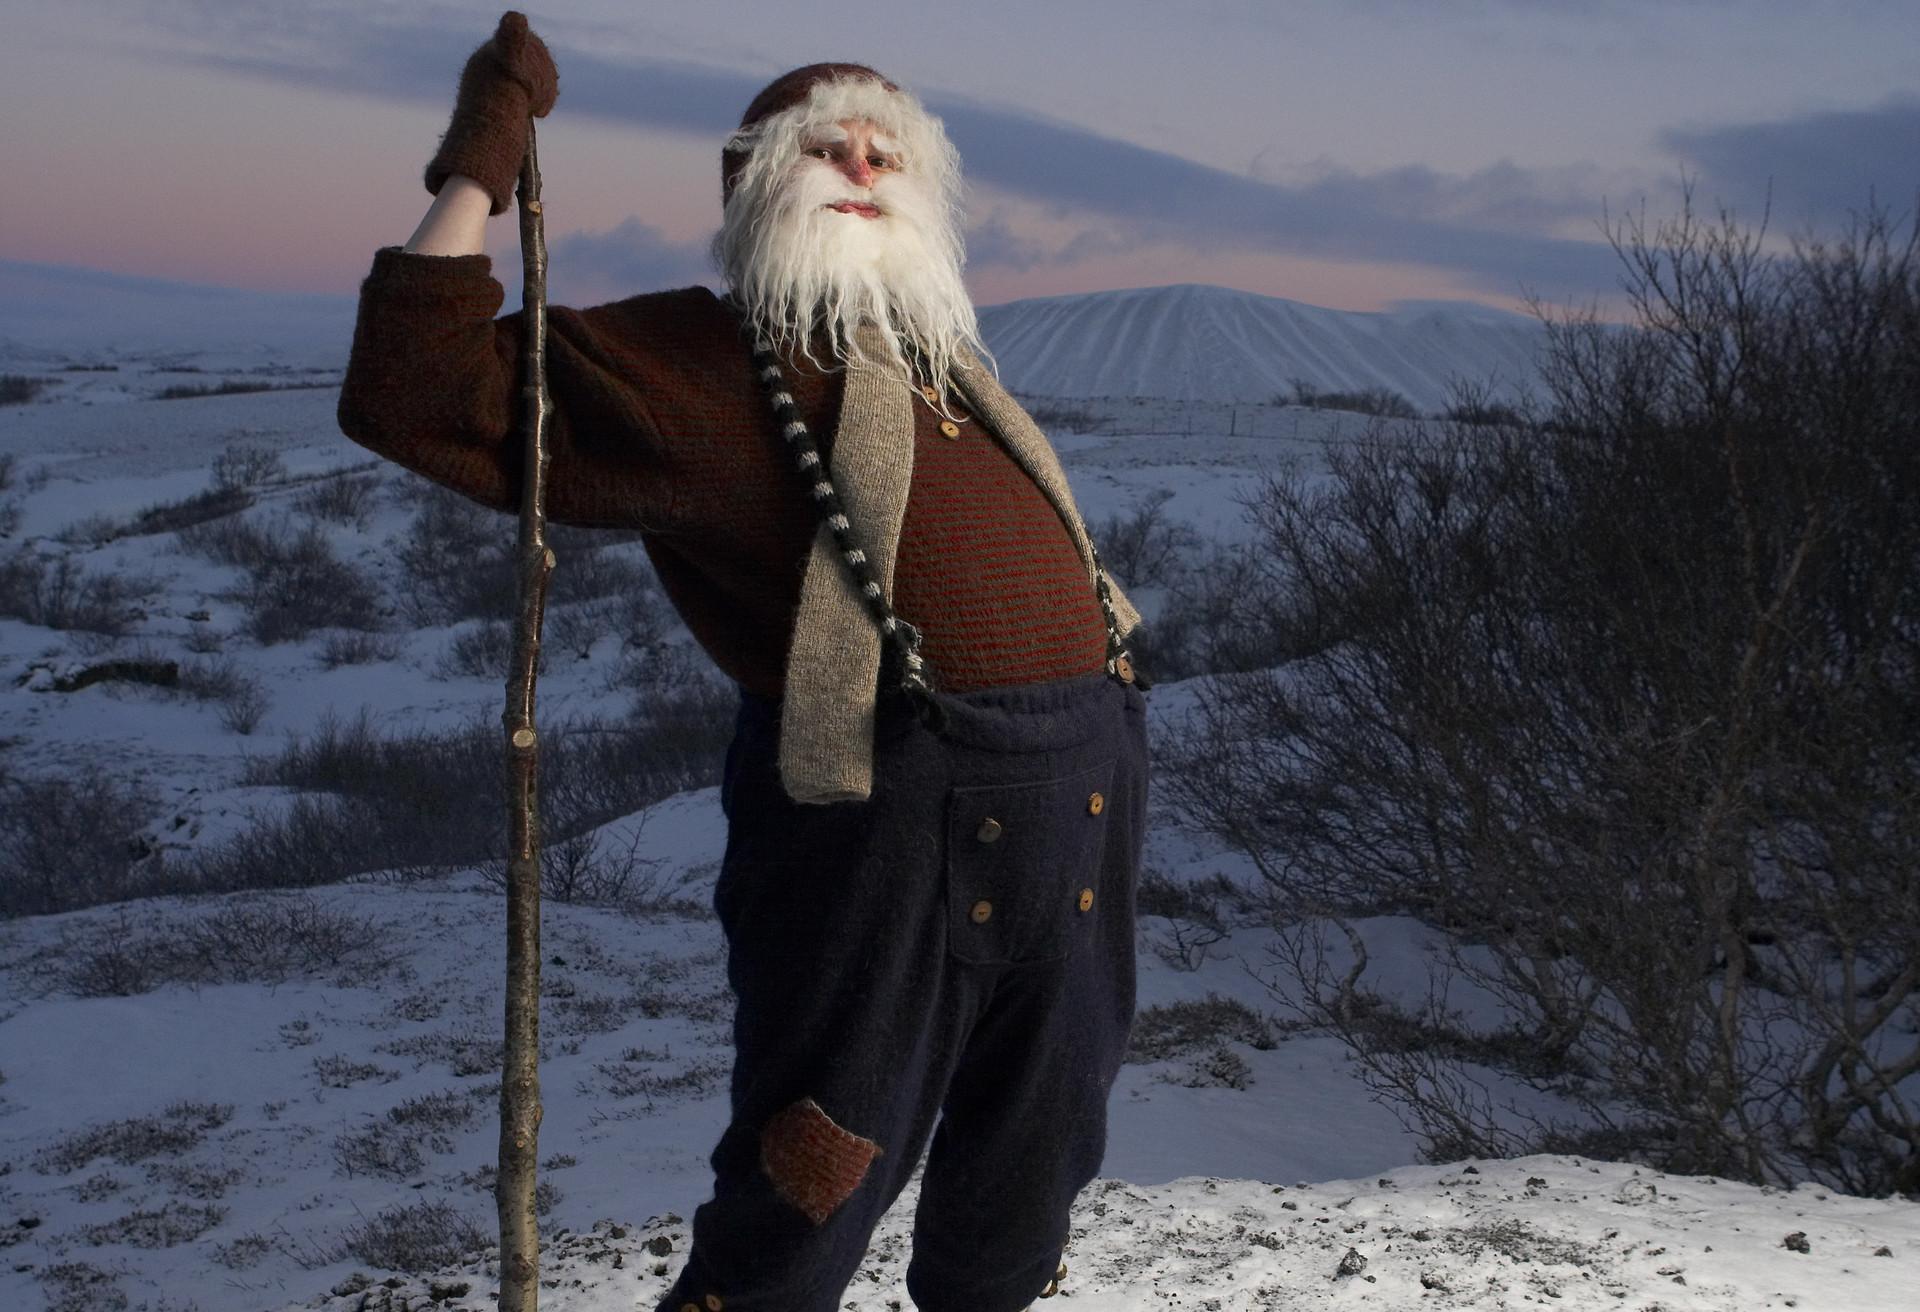 Los jóvenes Yule islandeses la lían en Navidades. Esta es una de las tradiciones navideñas más canallas que te presentamos.